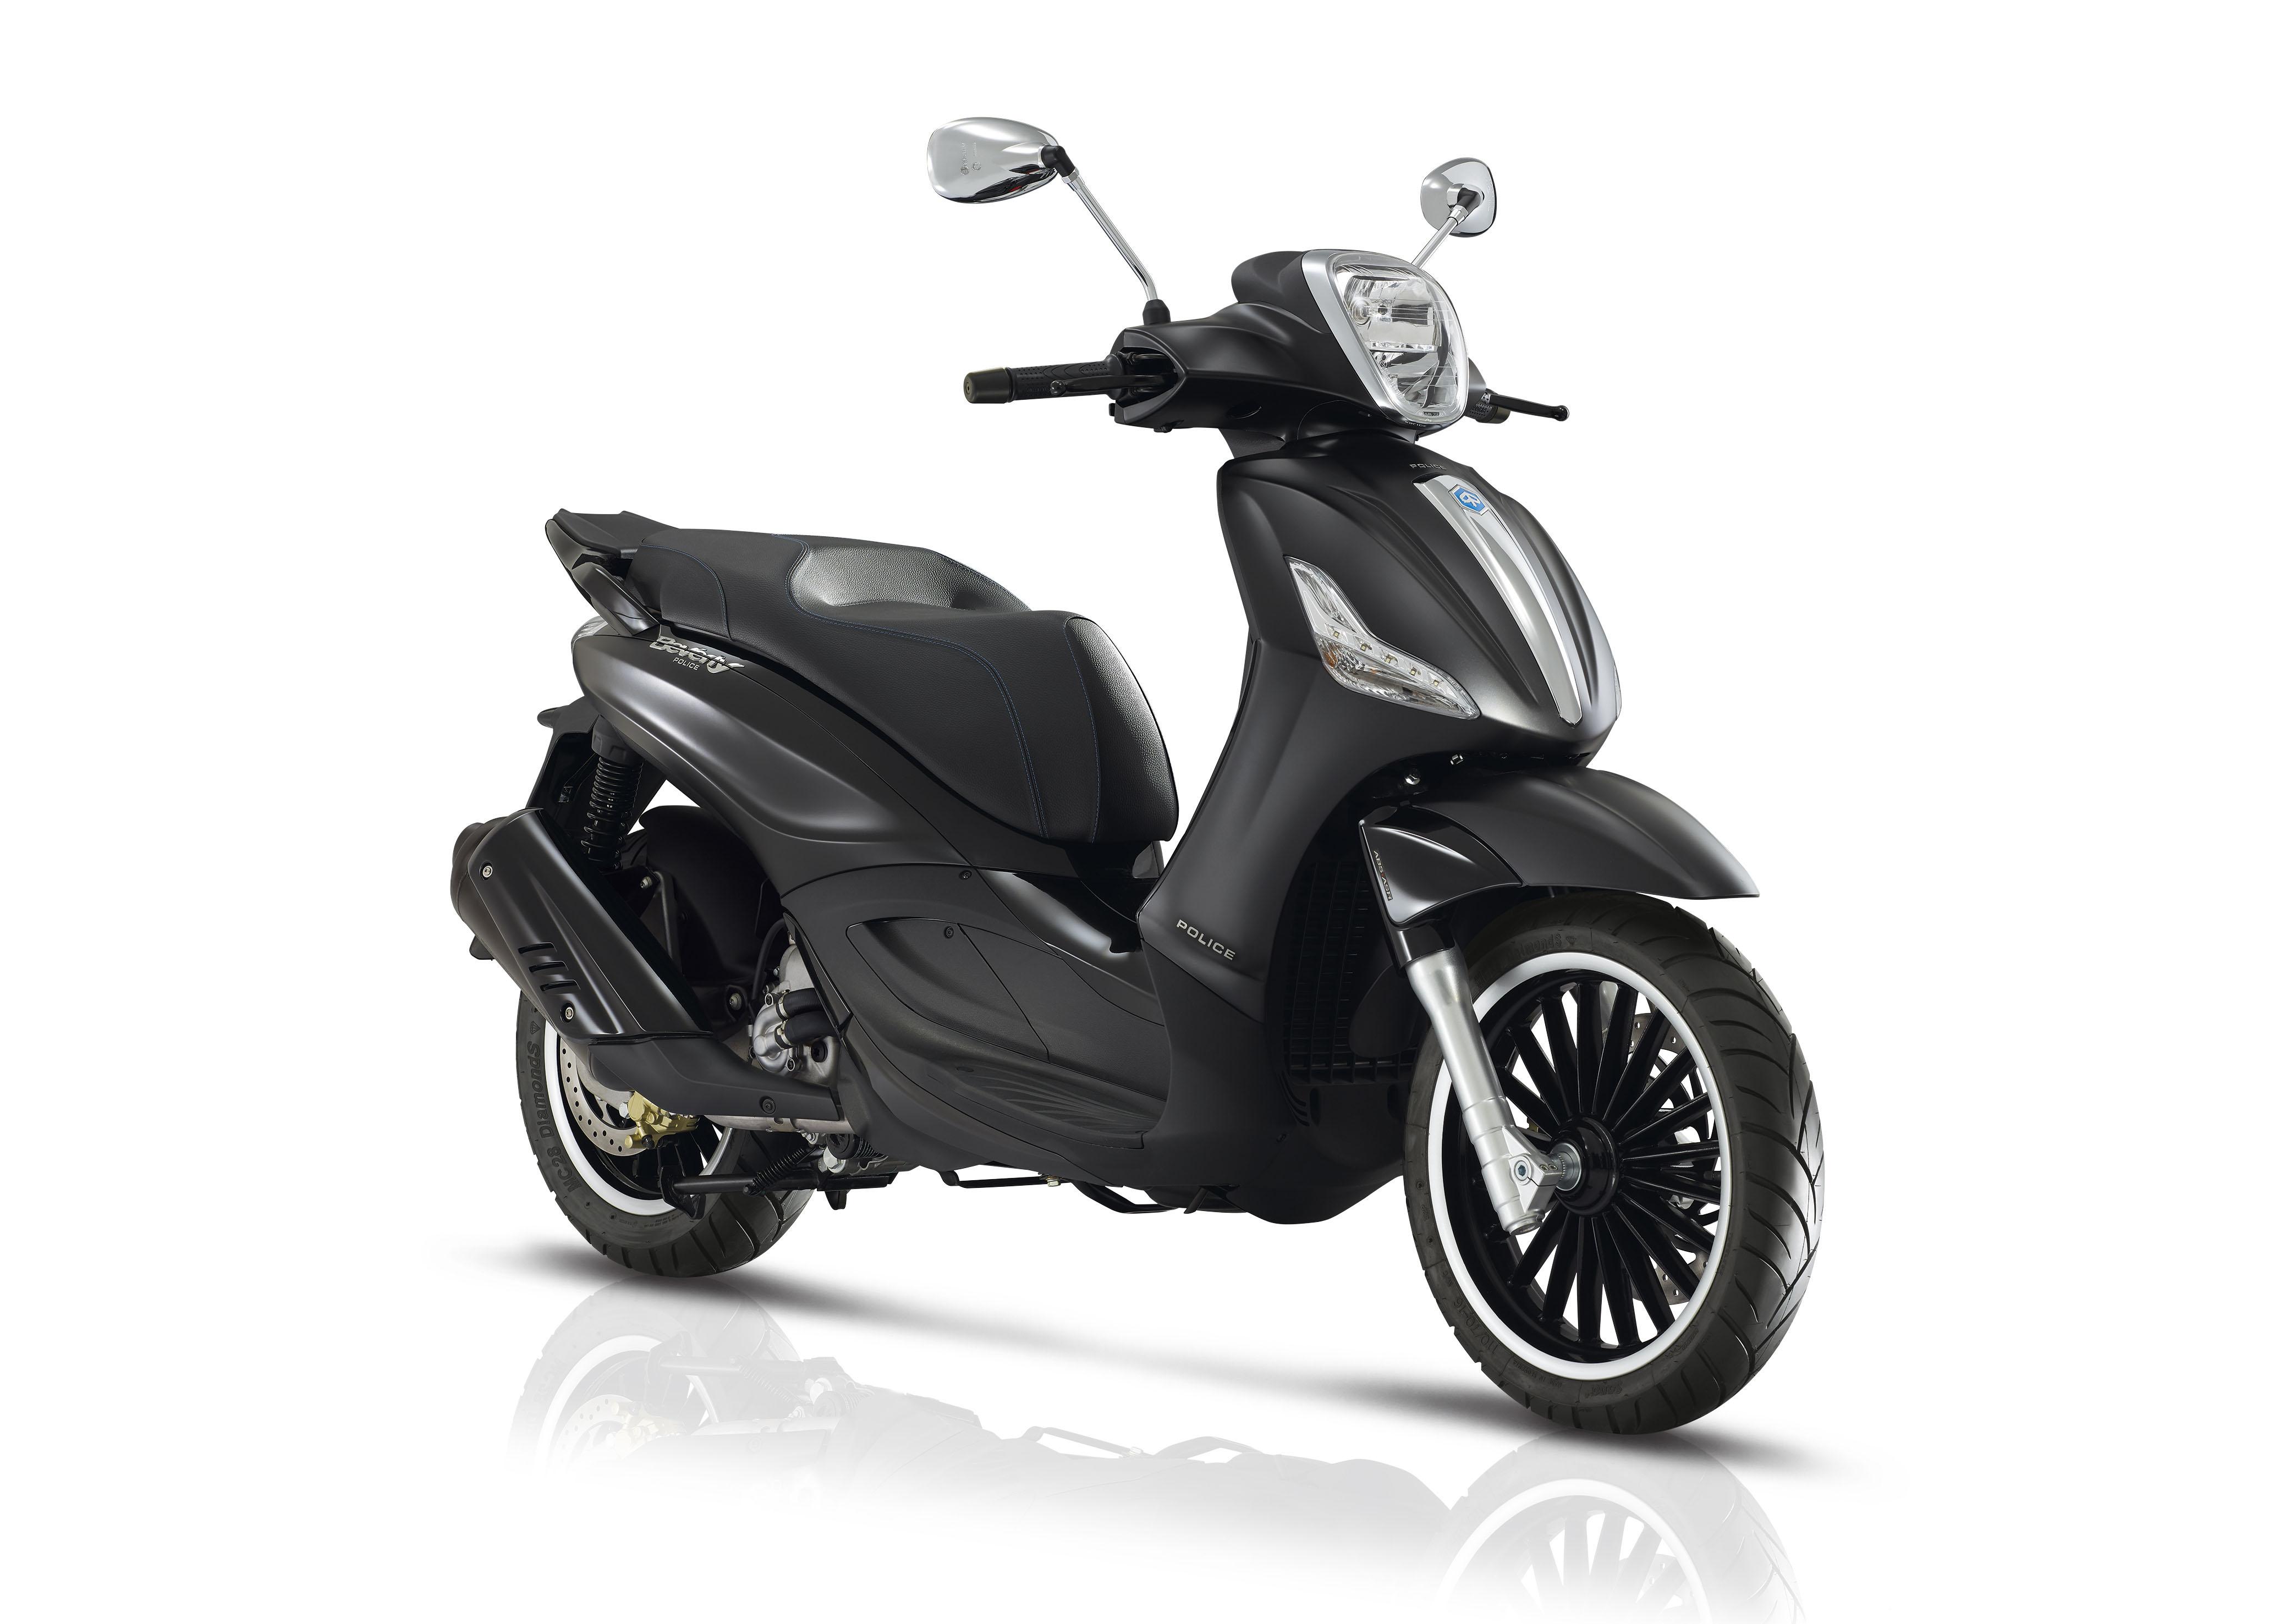 piaggio nuovi scooter beverly 300 300 s 300 by police e 350 sporttouring con motori euro 4. Black Bedroom Furniture Sets. Home Design Ideas